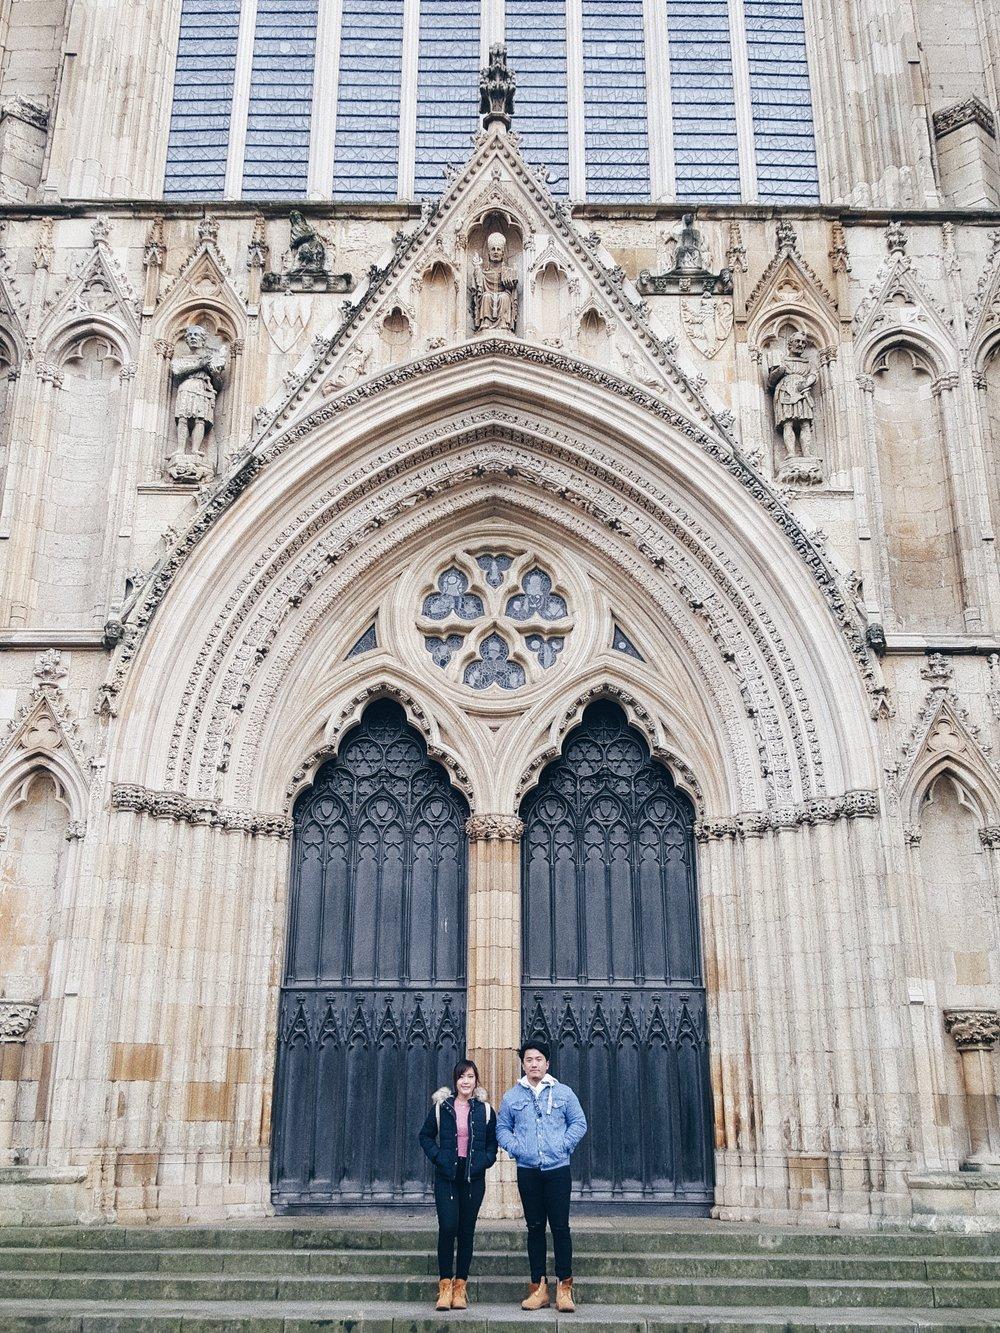 York minster - Nana & Akash